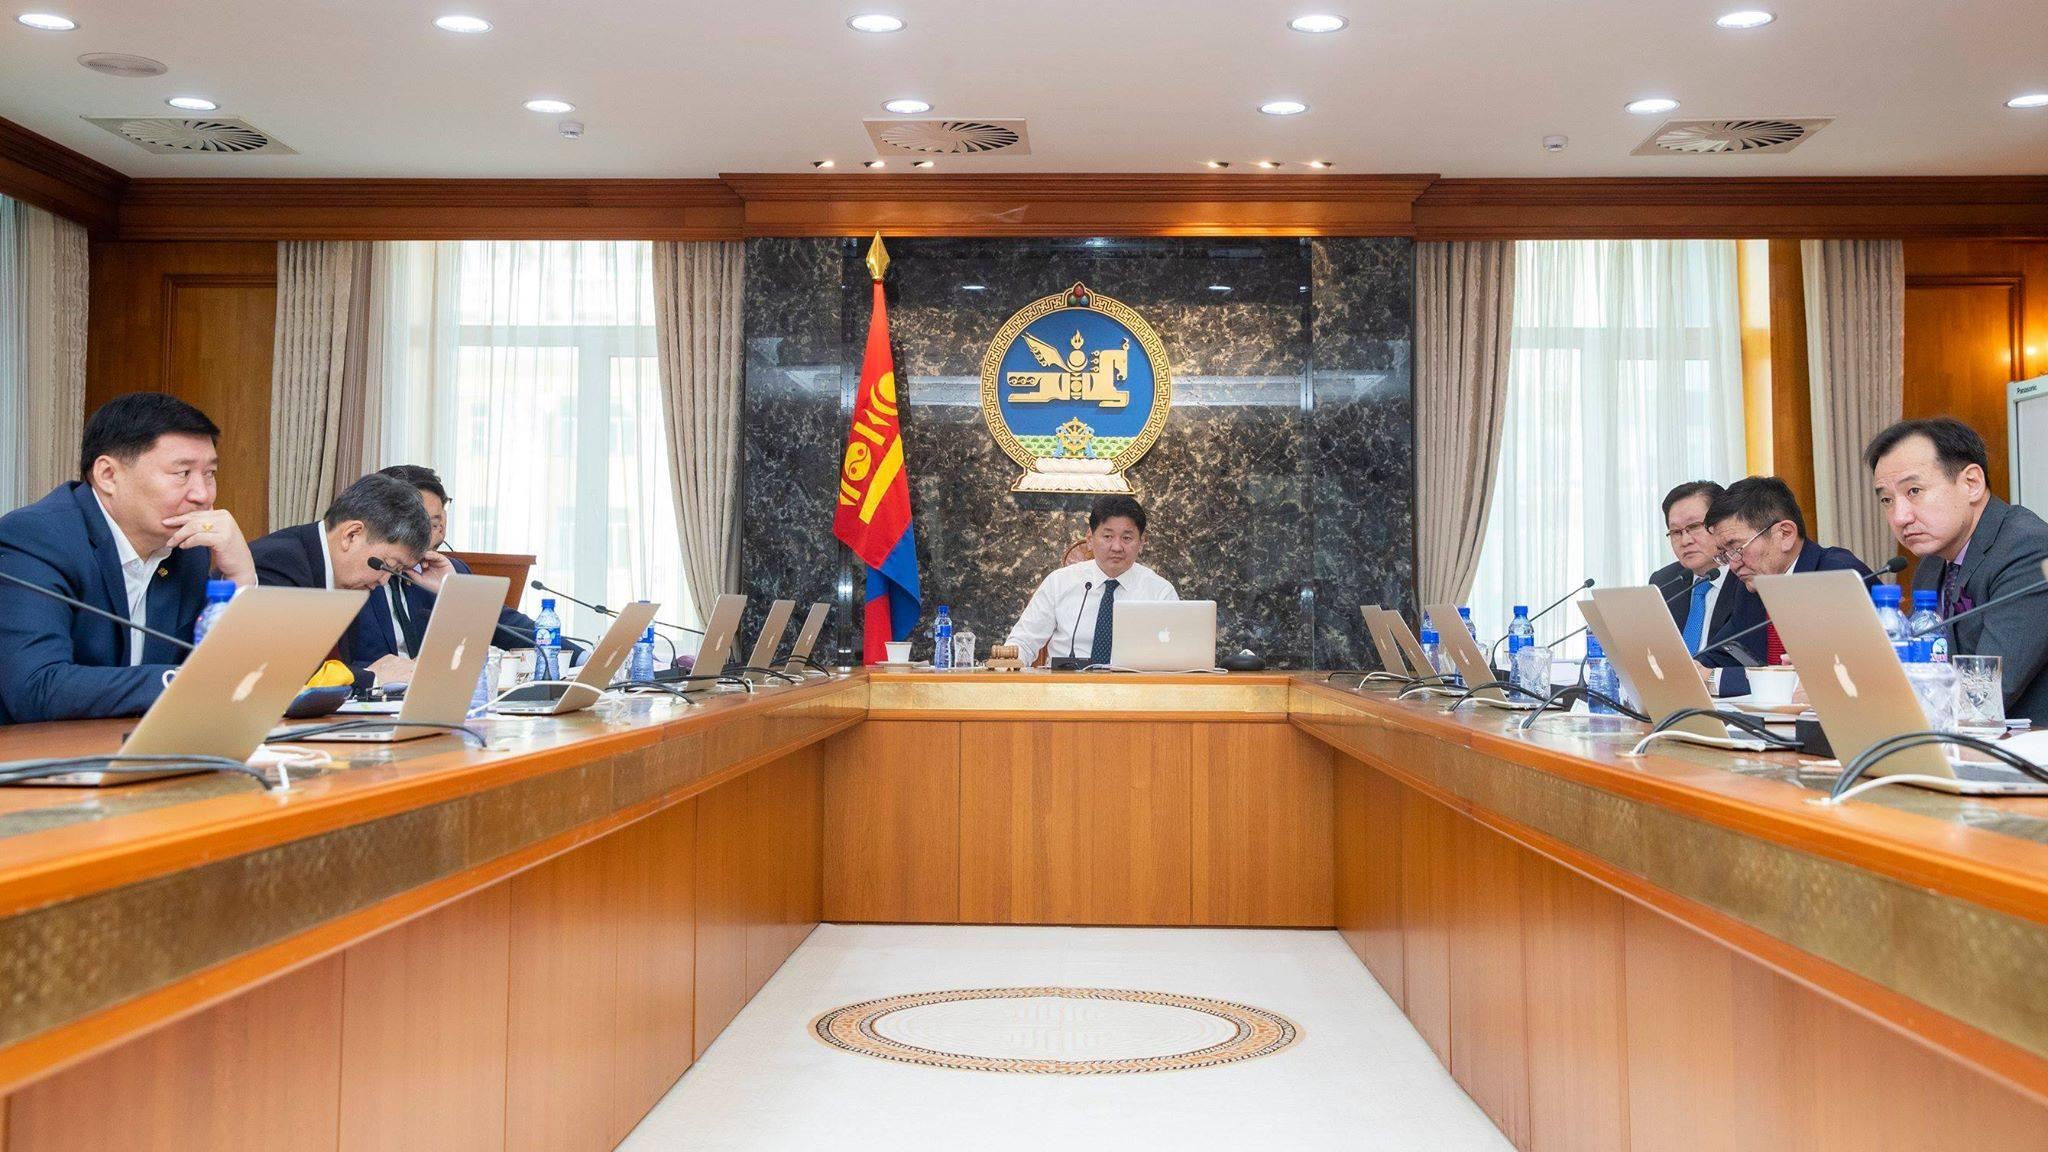 Монгол Улс 2030 онд дөрвөн сая хүн амтай болох төлөв гарчээ